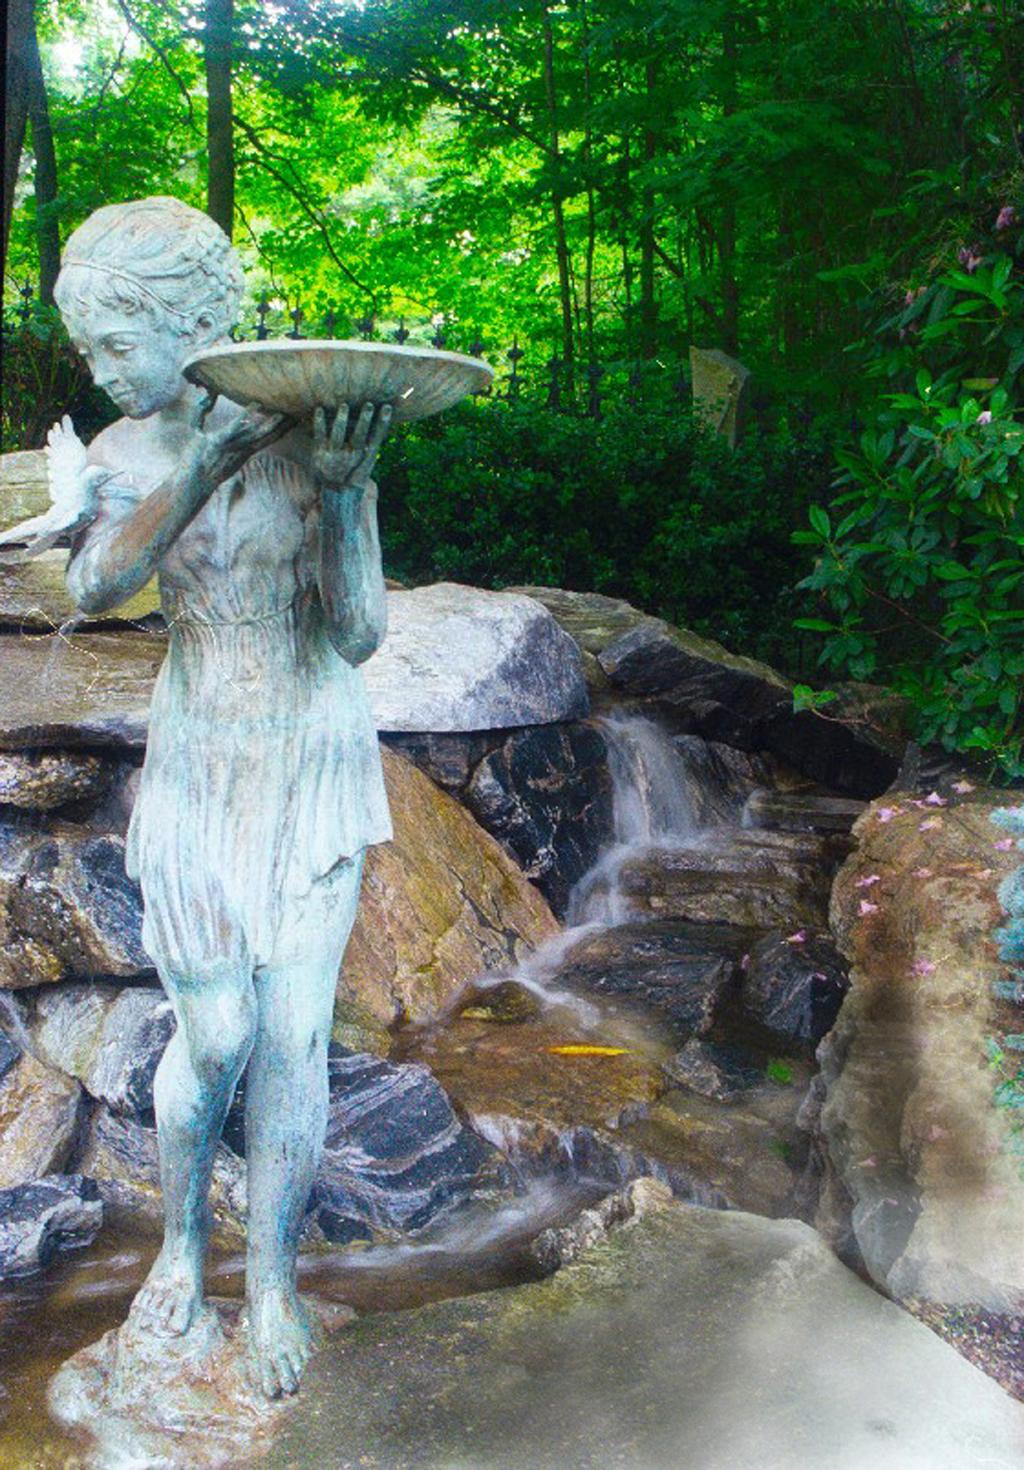 Bronze statue in water garden